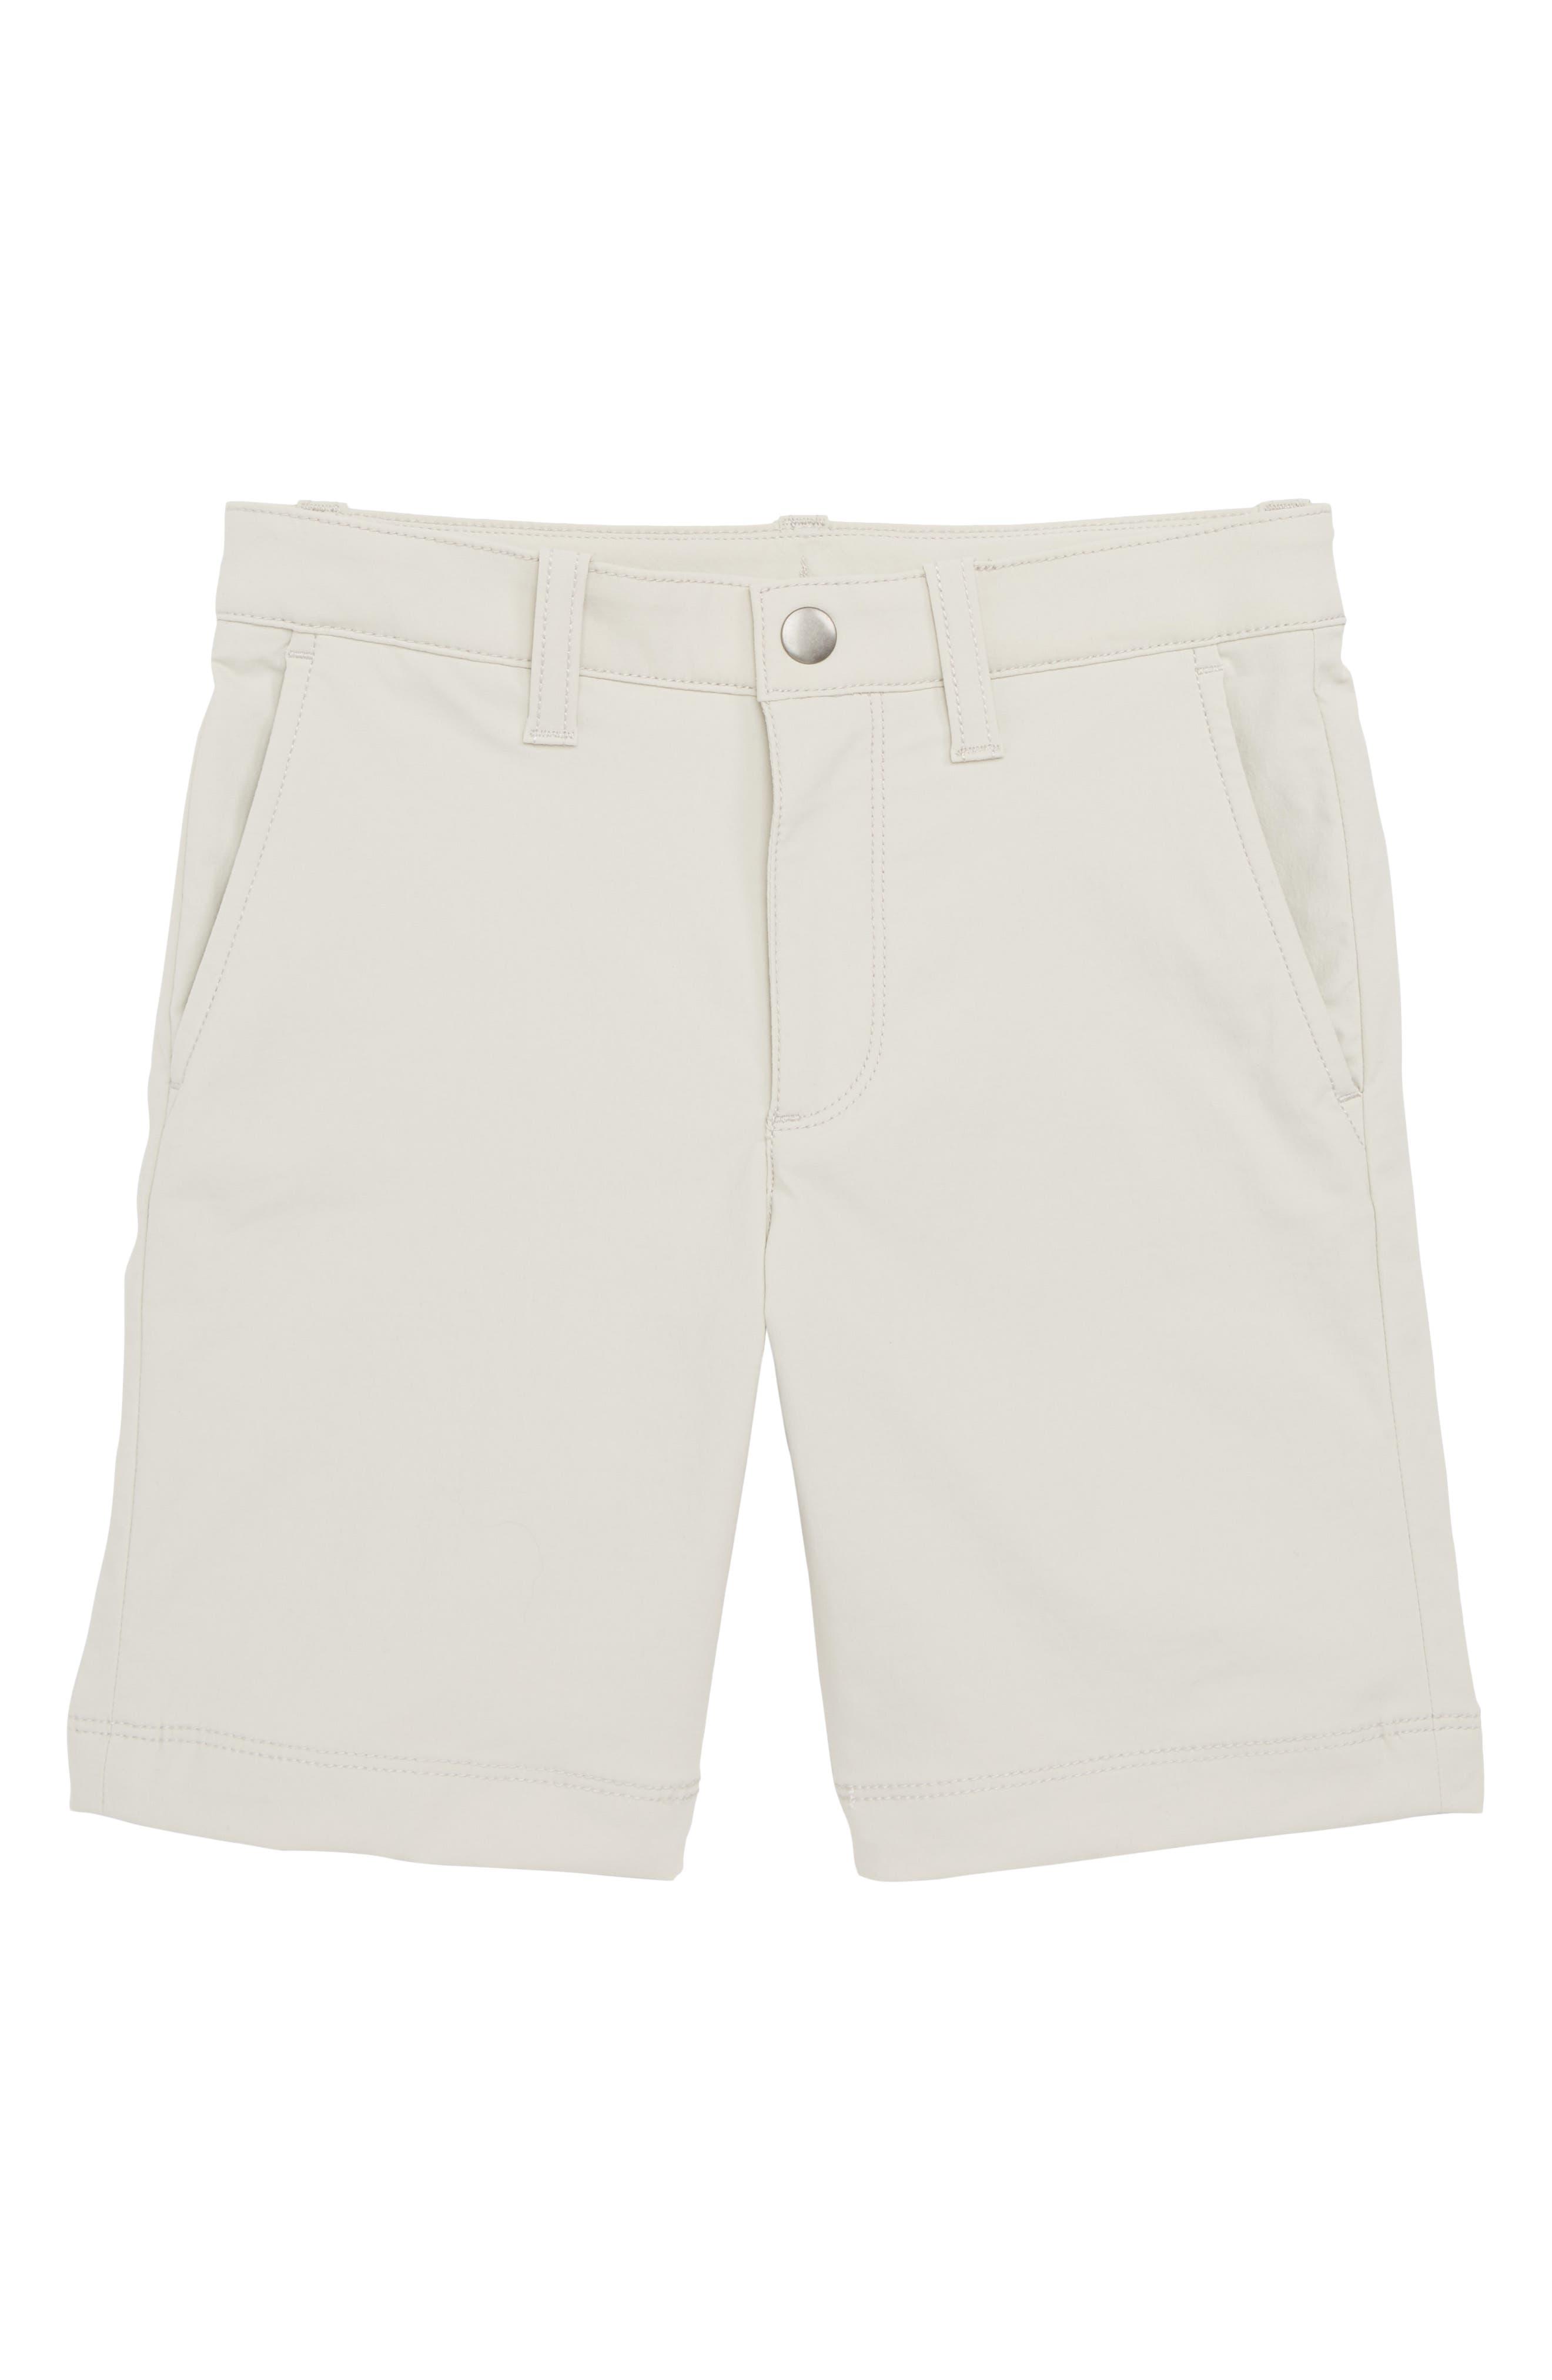 Tech Shorts,                             Main thumbnail 1, color,                             250